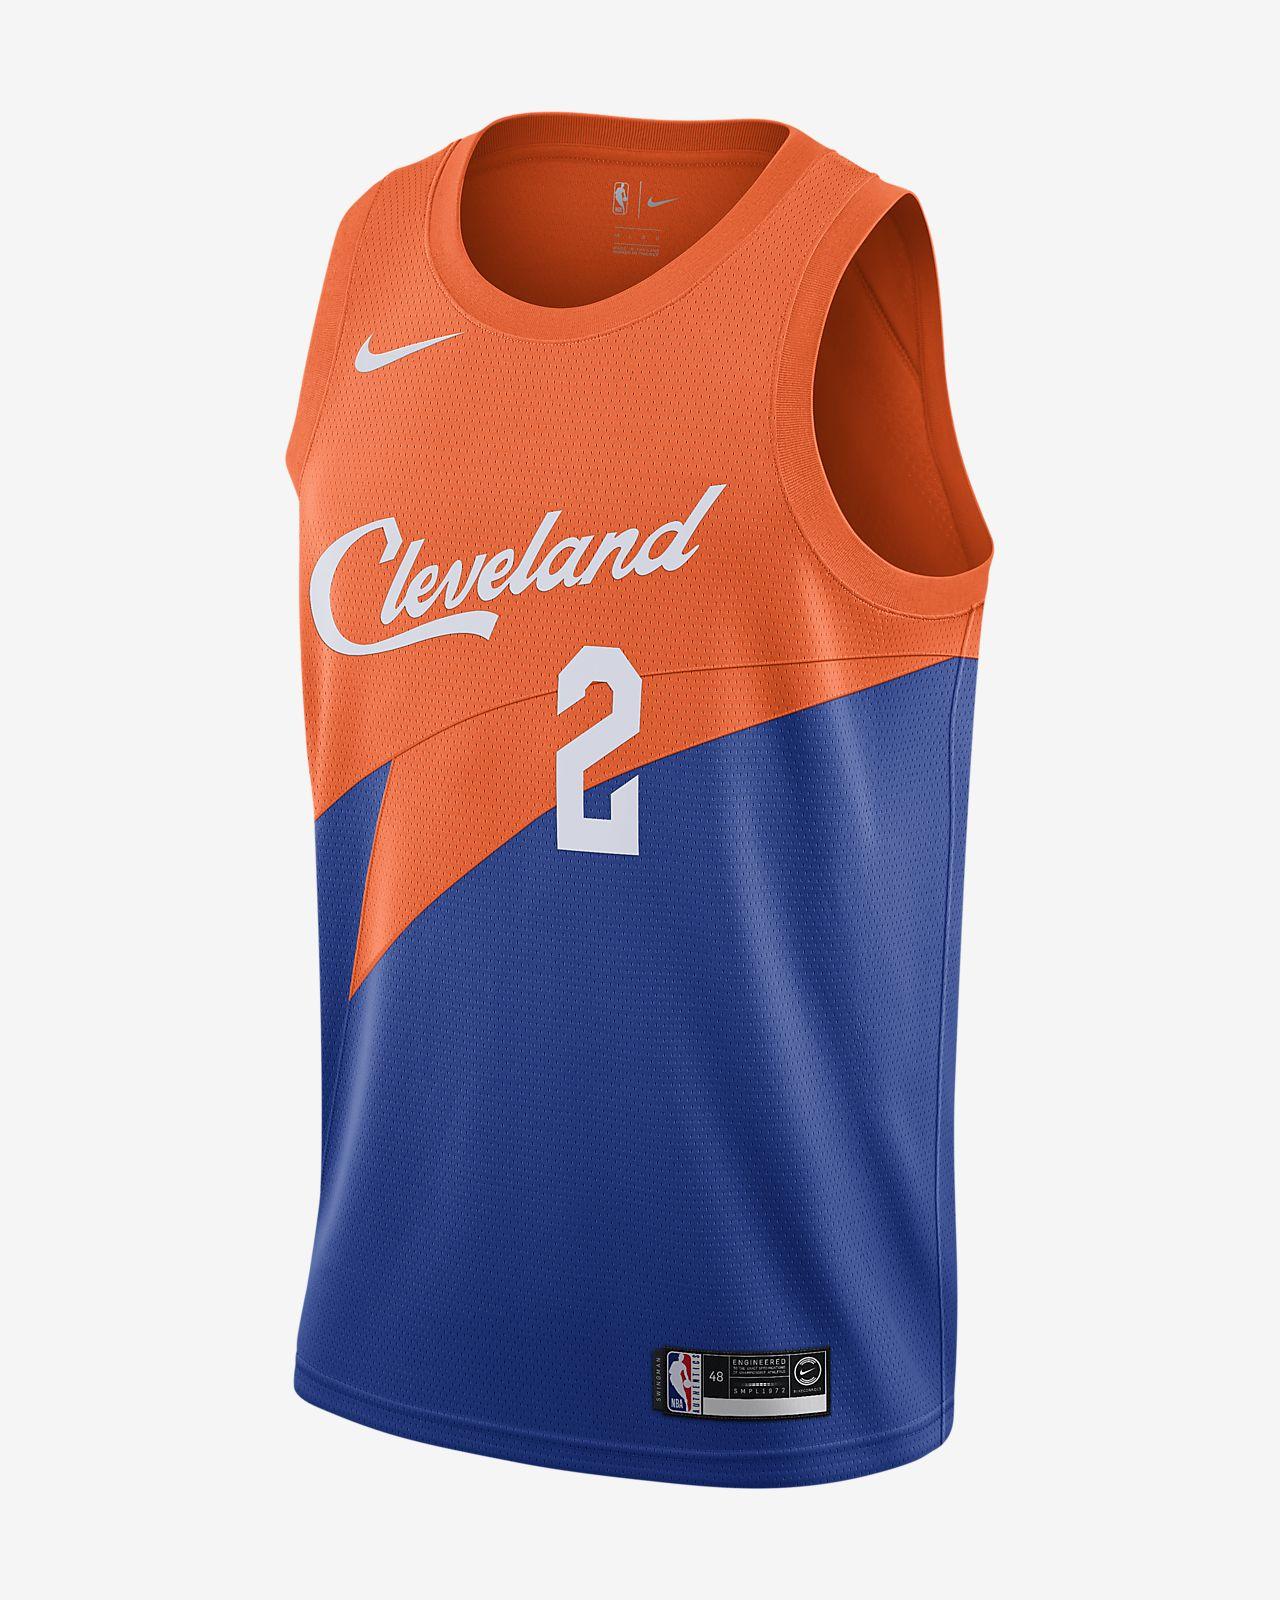 Camiseta conectada Nike NBA para hombre Collin Sexton City Edition Swingman (Cleveland Cavaliers)